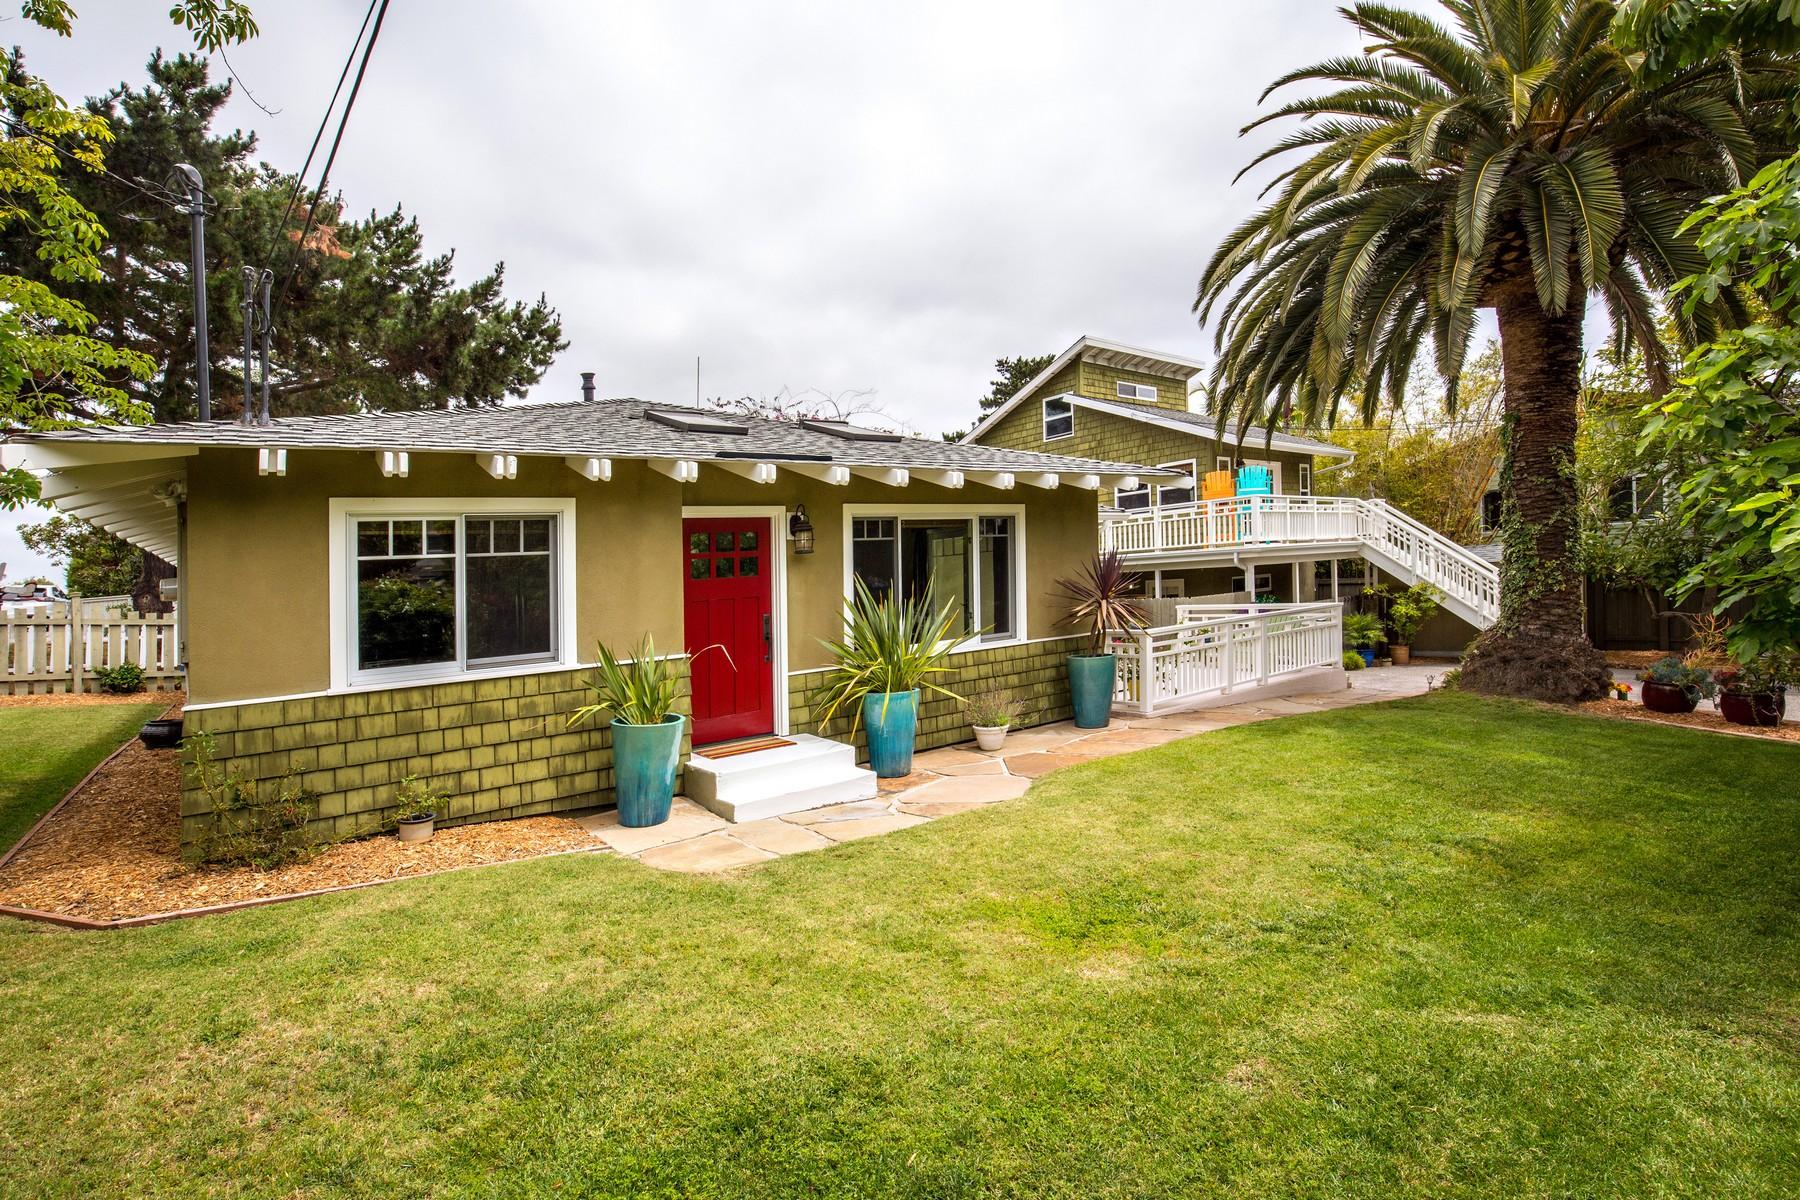 一戸建て のために 売買 アット 110 Requeza Encinitas, カリフォルニア, 92024 アメリカ合衆国